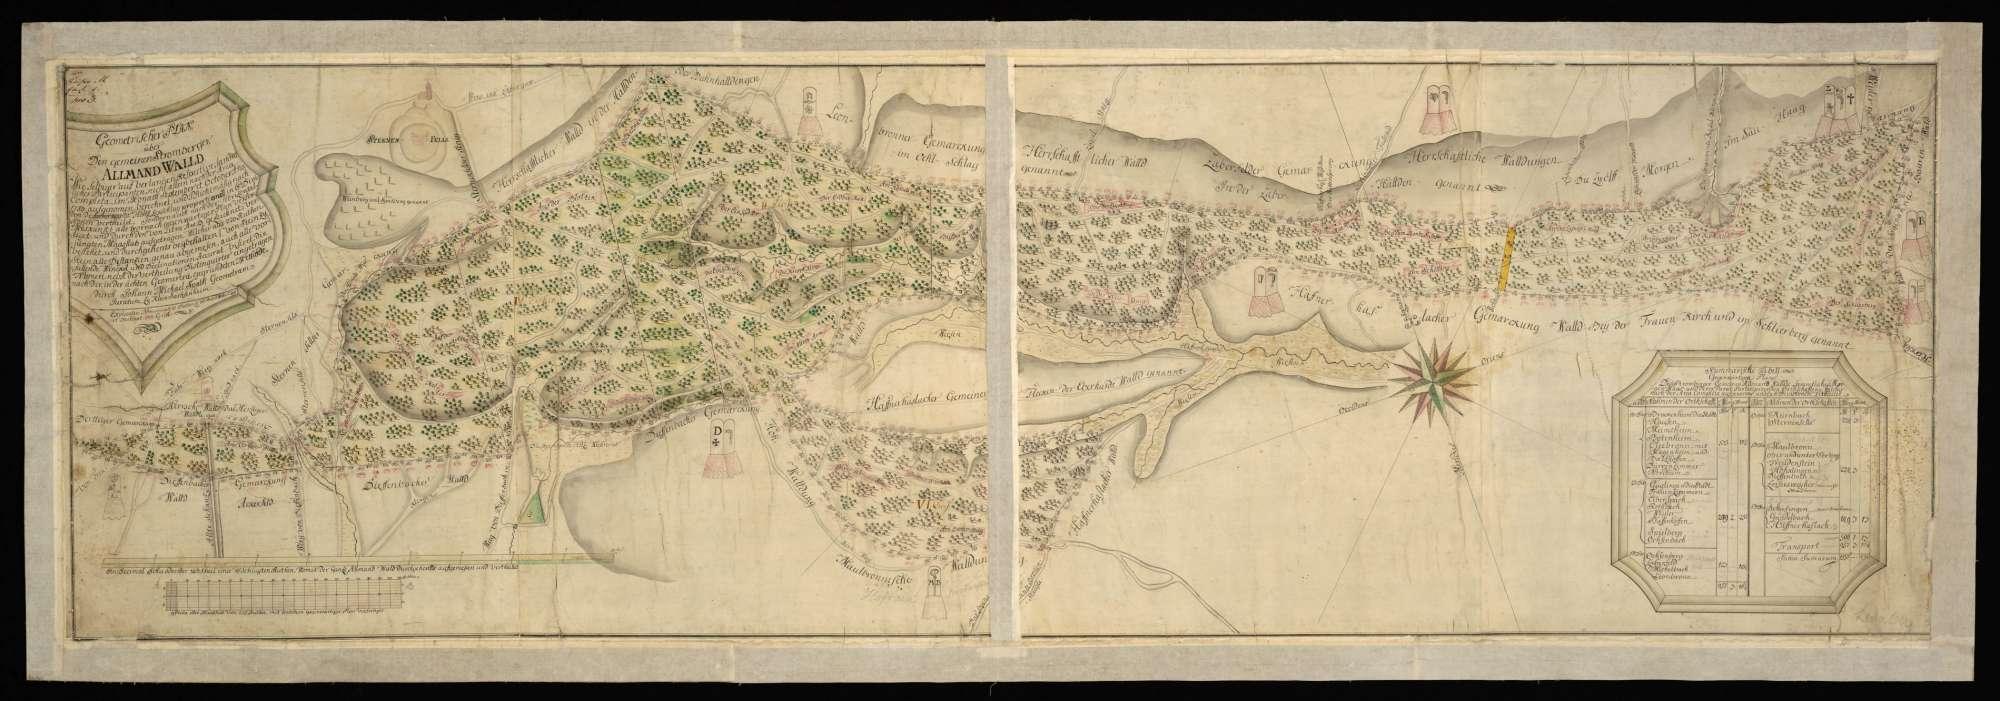 """[Stromberg] """"Geometrischer Riss über den gemeinen Stromberger Allmand Wald, wie selbiger auf Verlangen respektive sämtlicher Participanten ... im Monat September und Oktober anno 1759 aufgenommen ..."""", Bild 2"""